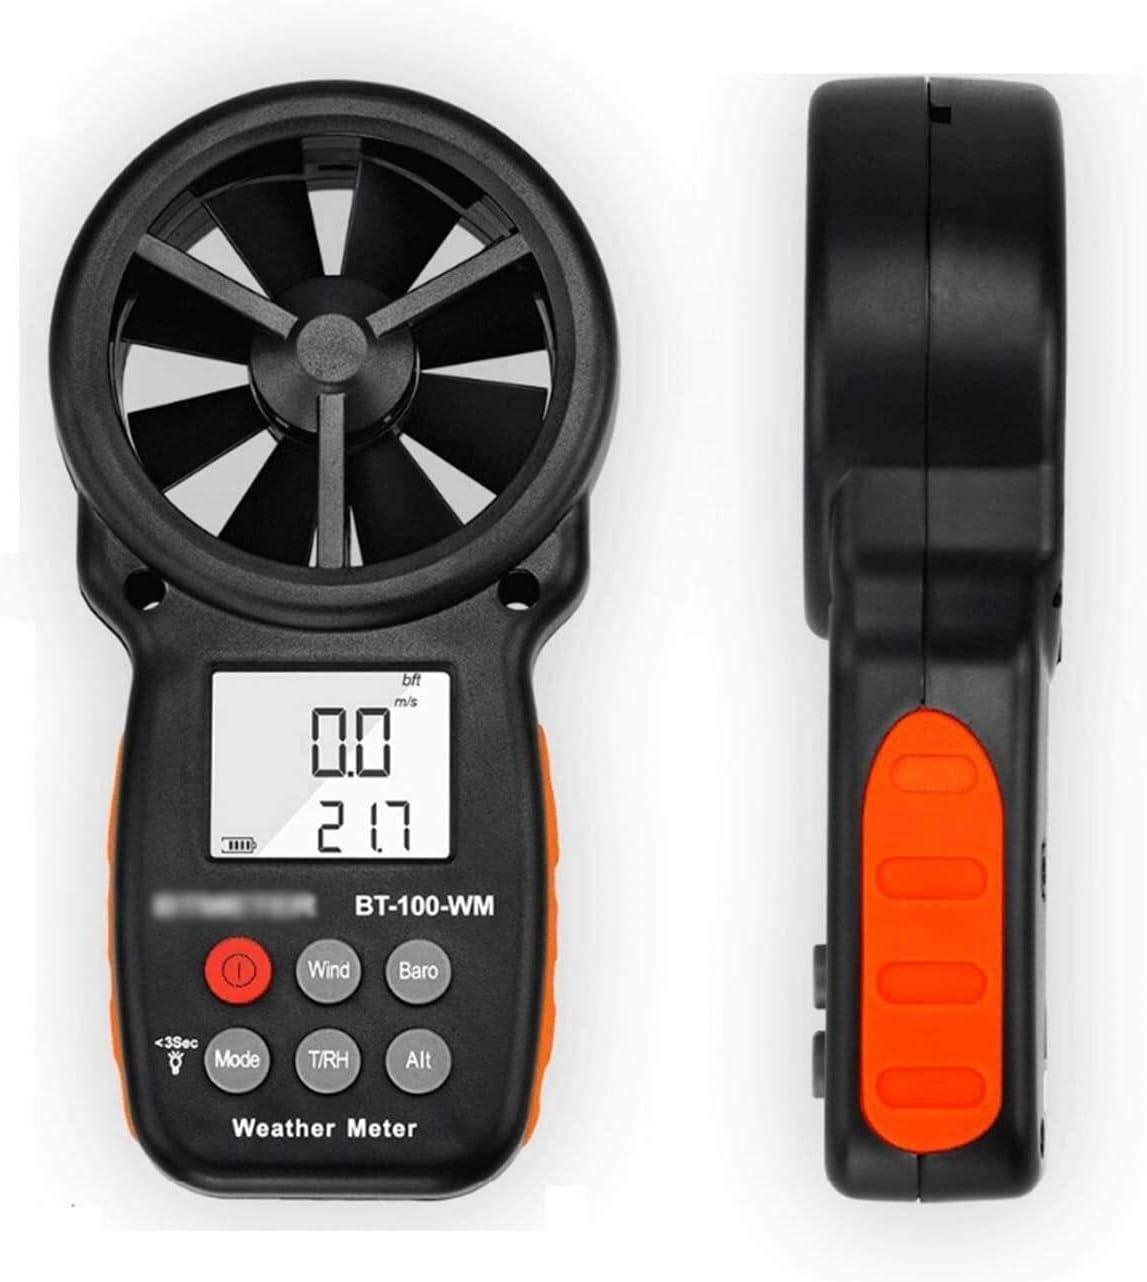 WSH Digital Wind Speed Meter Gauge Ranking TOP15 Velocity Air Max 71% OFF Flow Measurement